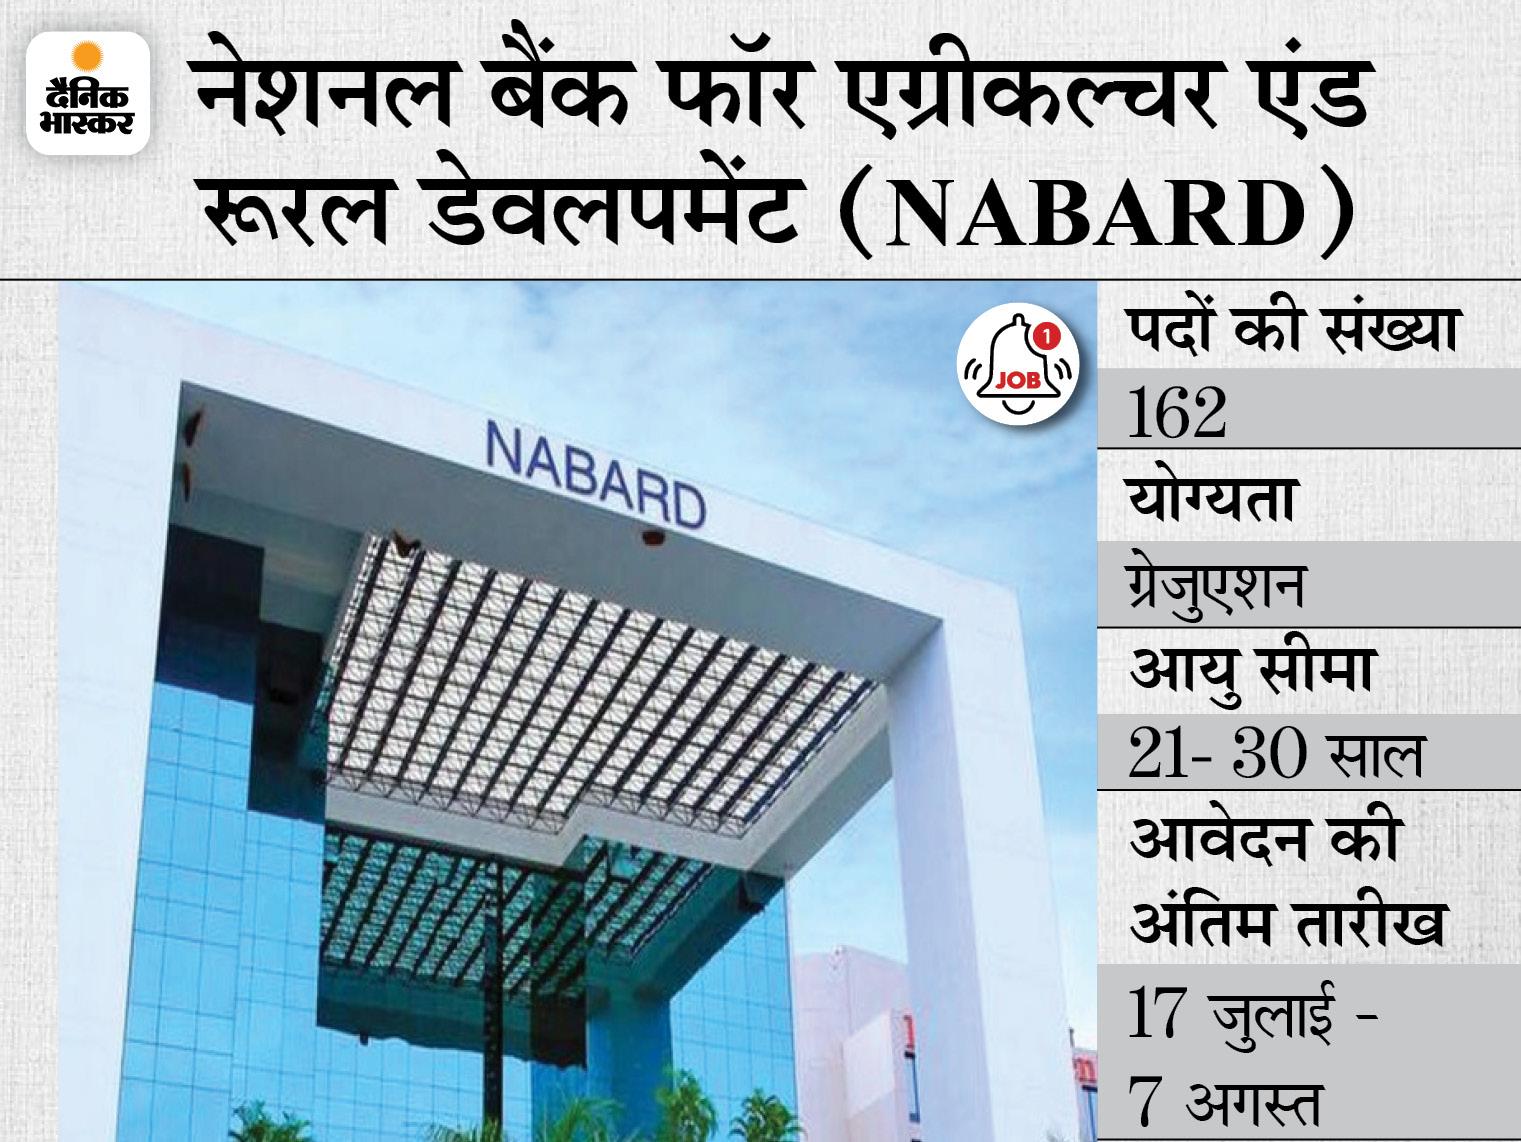 NABARD ने असिस्टेंट मैनेजर और मैनेजर के 162 पदों पर निकाली भर्ती, 17 जुलाई से शुरू होगी एप्लीकेशन प्रोसेस|करिअर,Career - Dainik Bhaskar